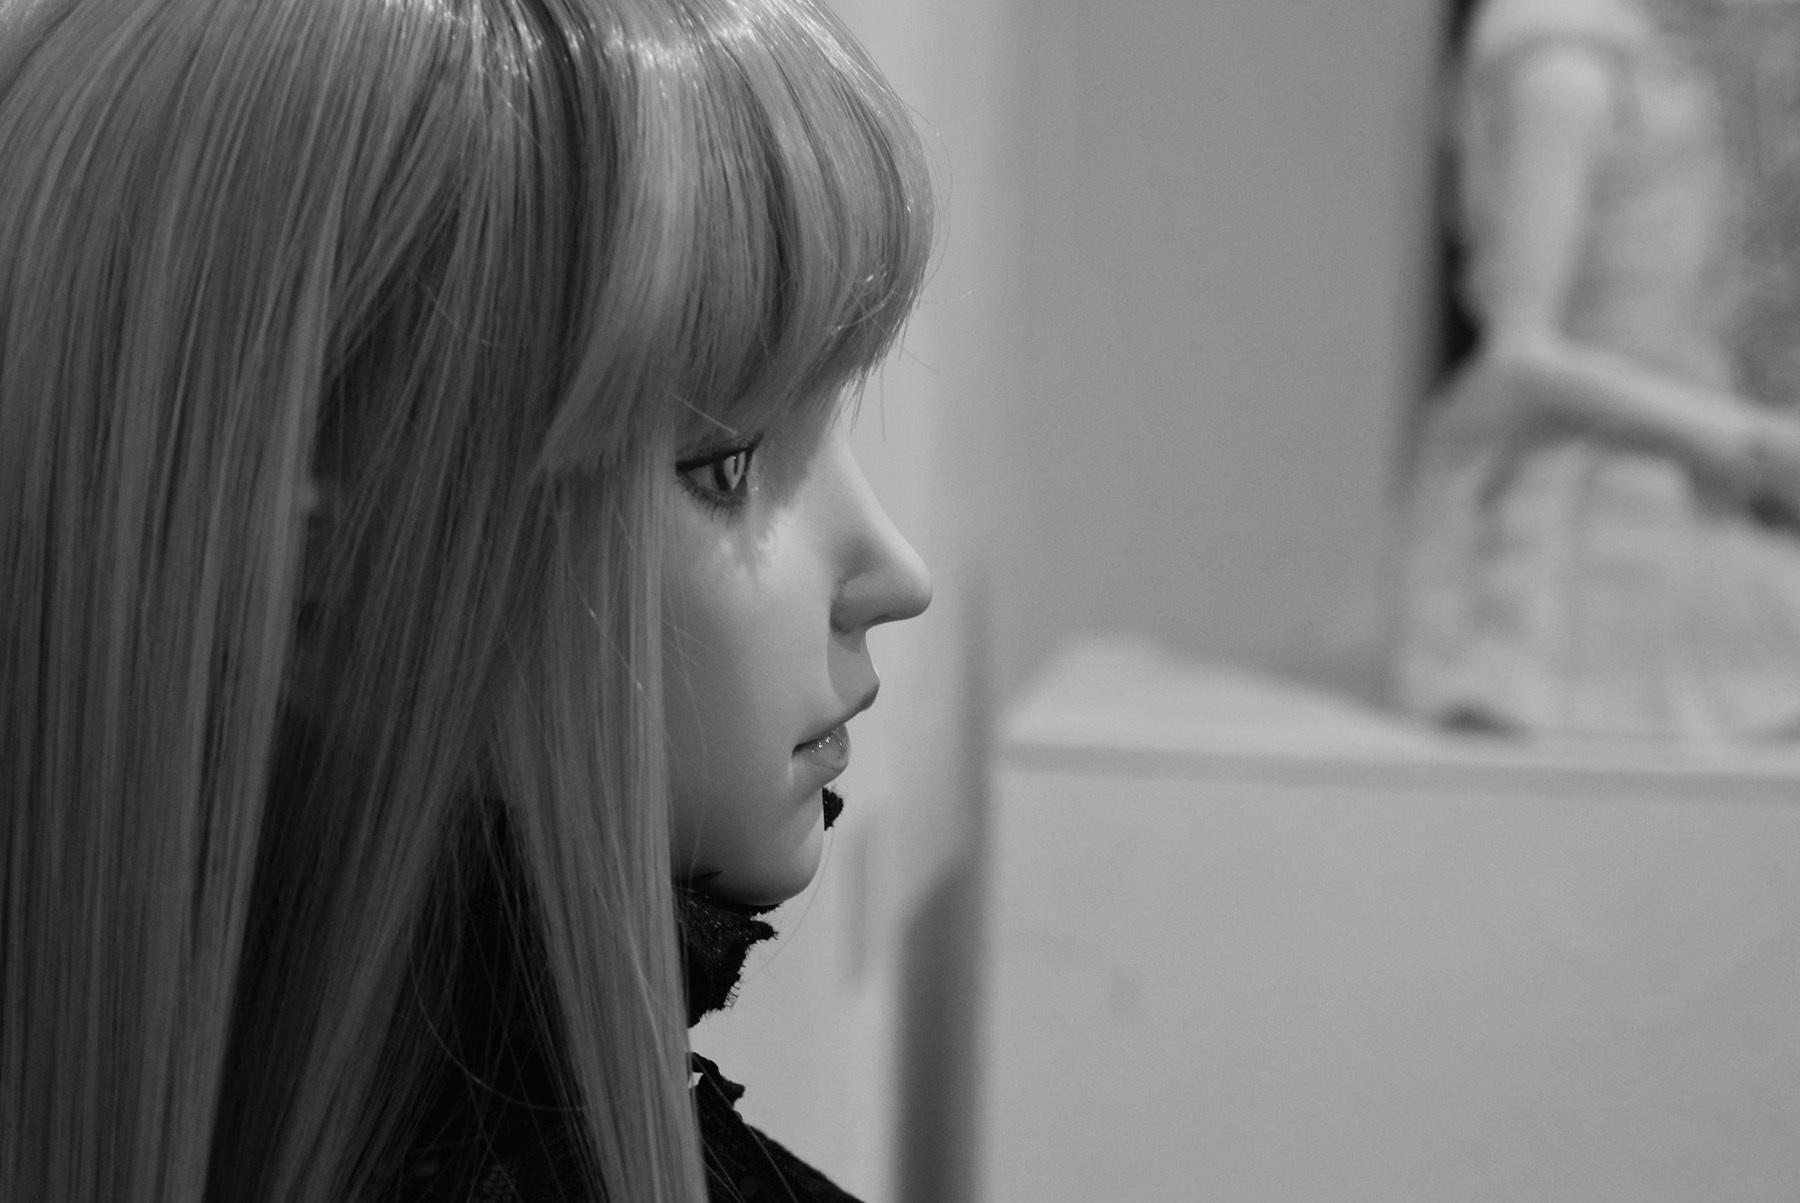 雨沢聖・槙宮サイ・江村あるめ 創作人形三人展 「sillage~シヤージュ」@ 最終日_e0272050_12445728.jpg